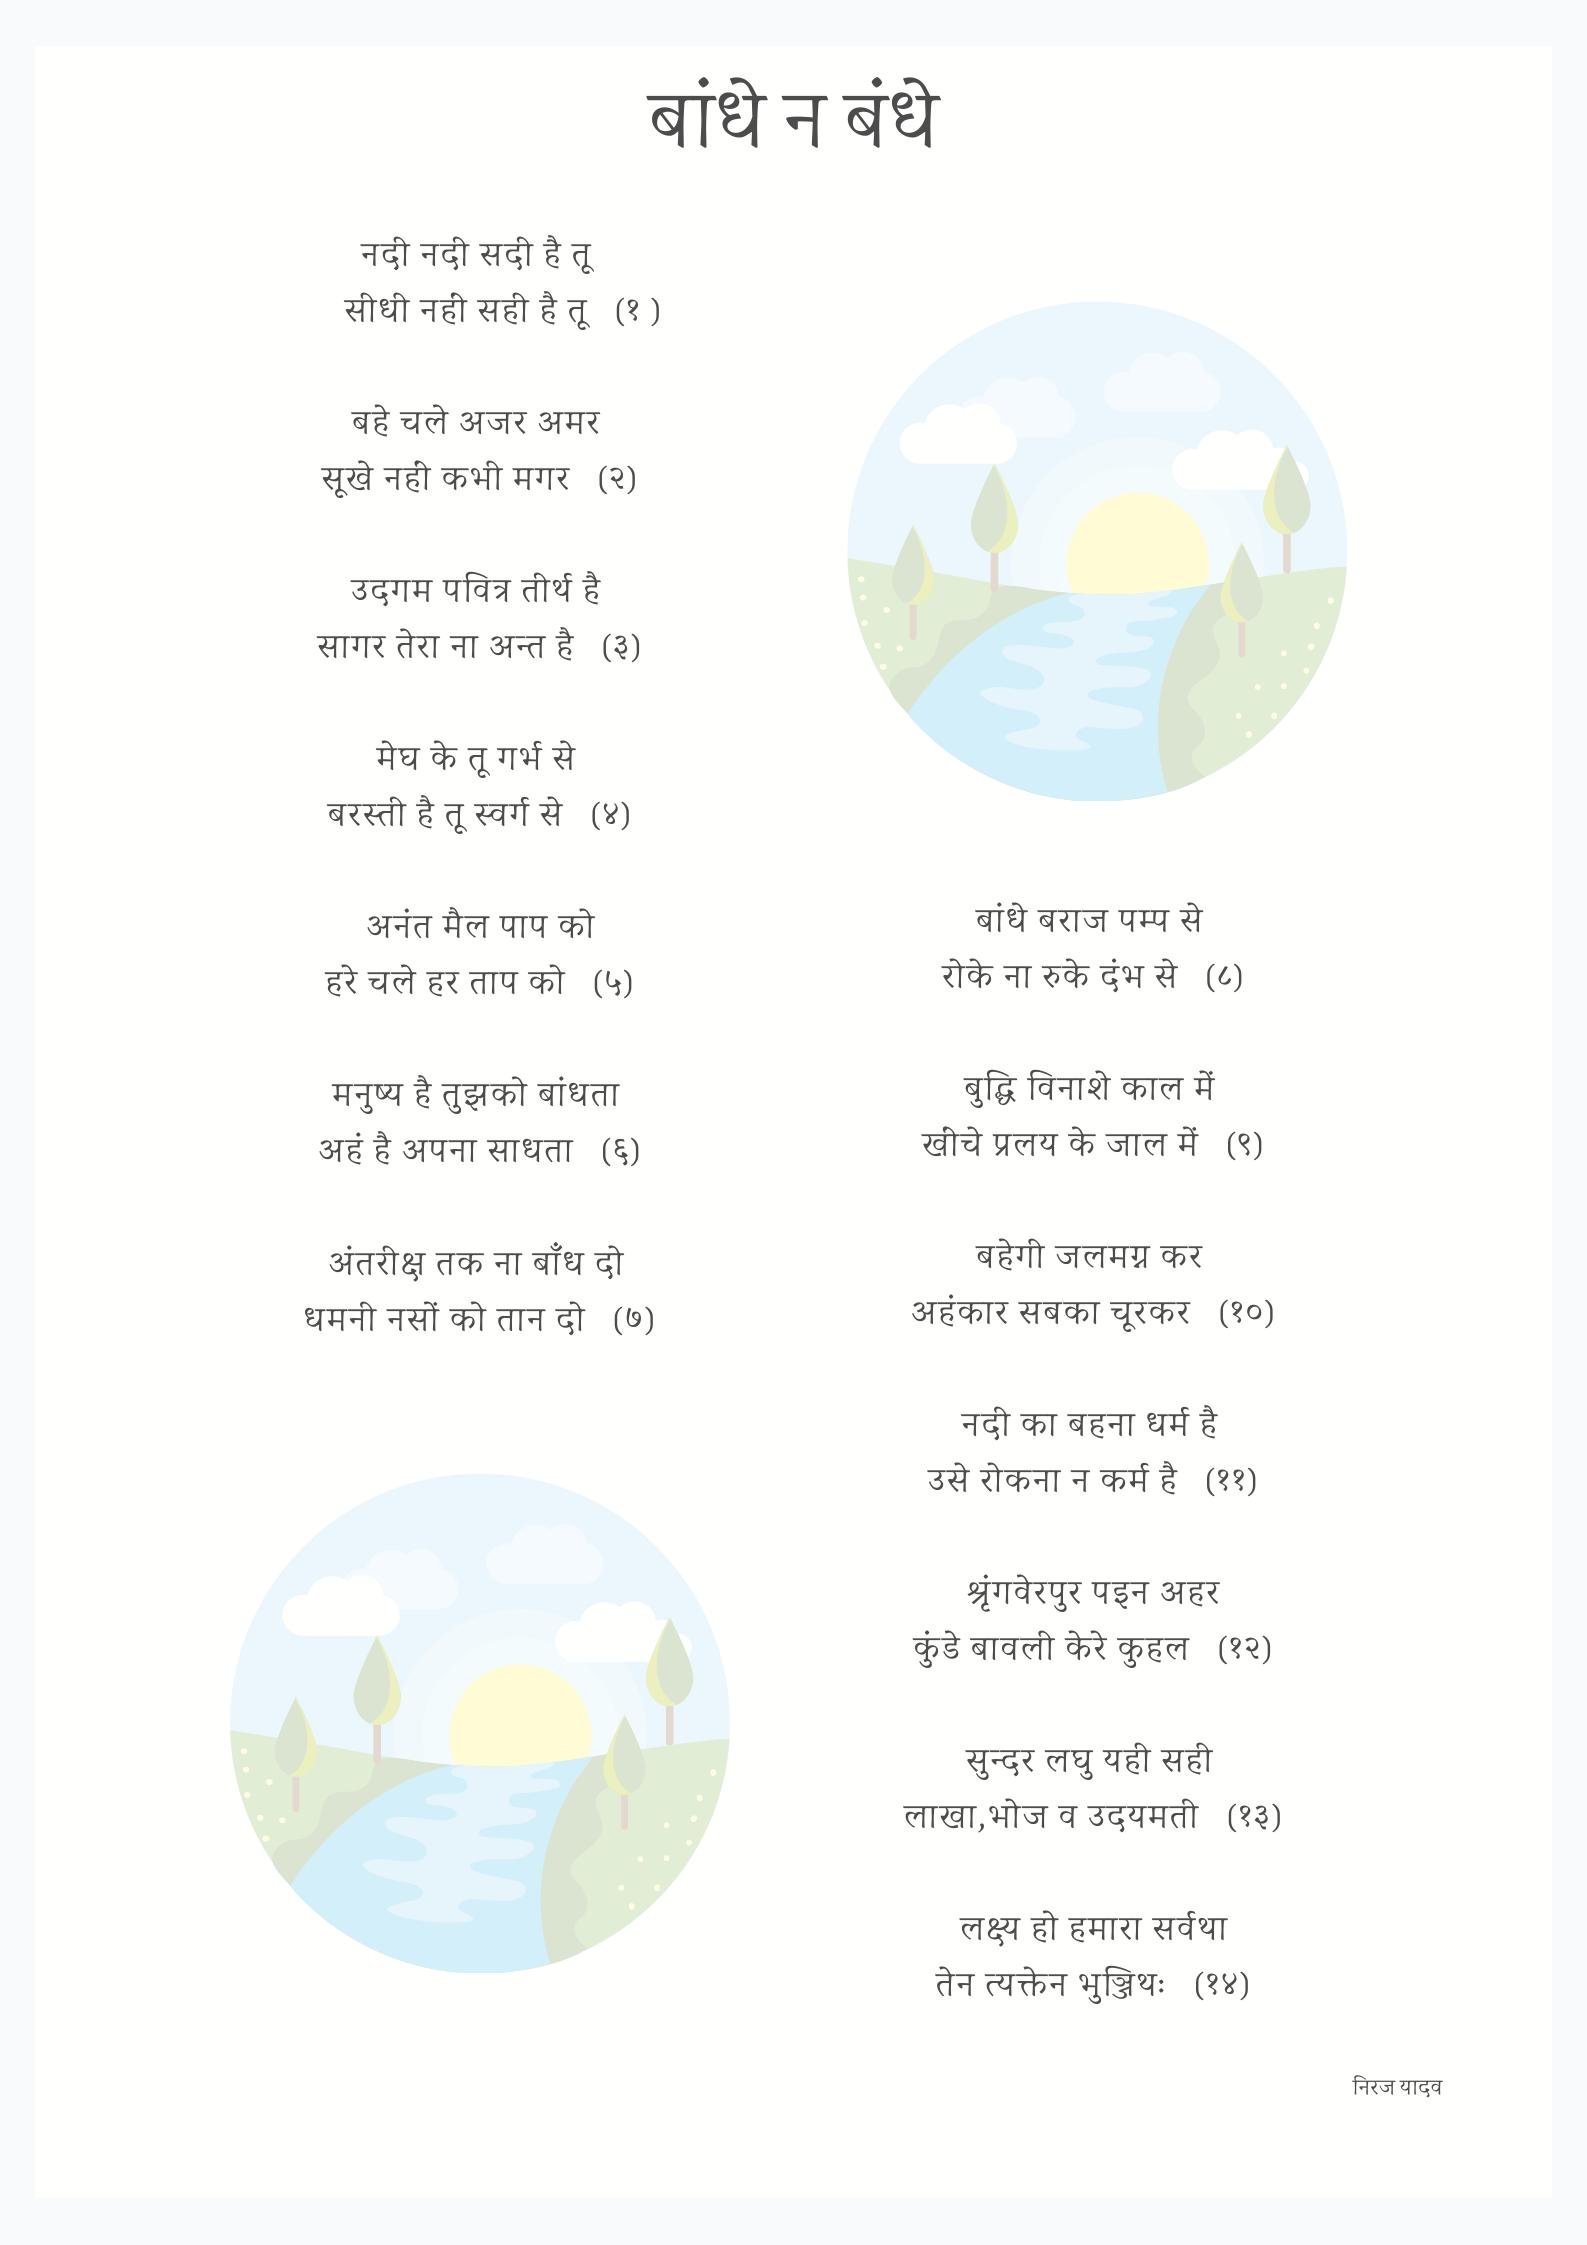 bandhe na badhe nadi par kavita hindi